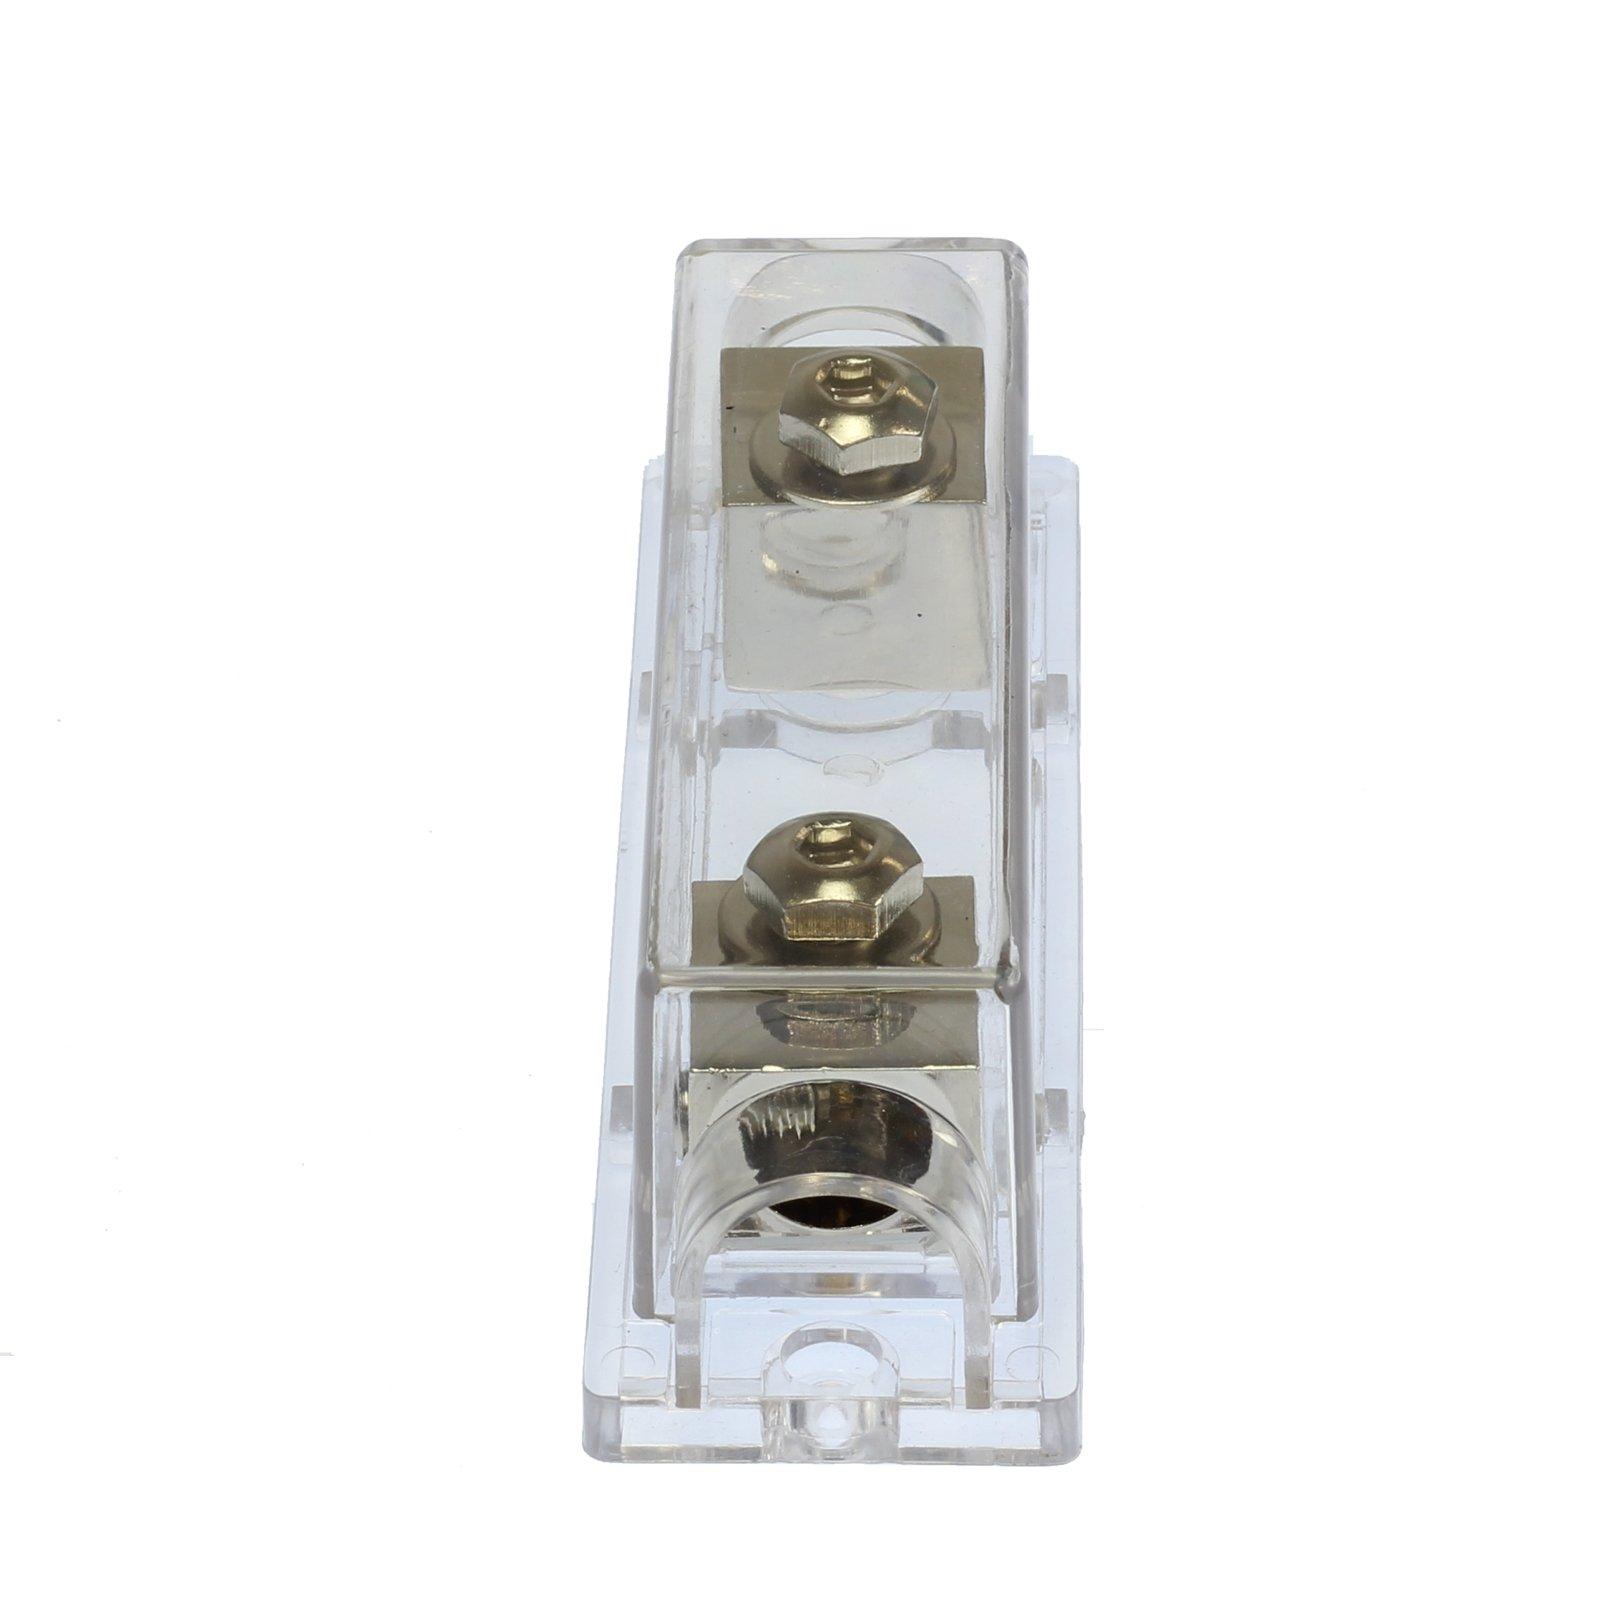 (1) 350 AMP ANL Fuse & (1) Inline Fuseholder Battery Install Kit 1/0 Gauge 1FT by 12voltnet (Image #5)